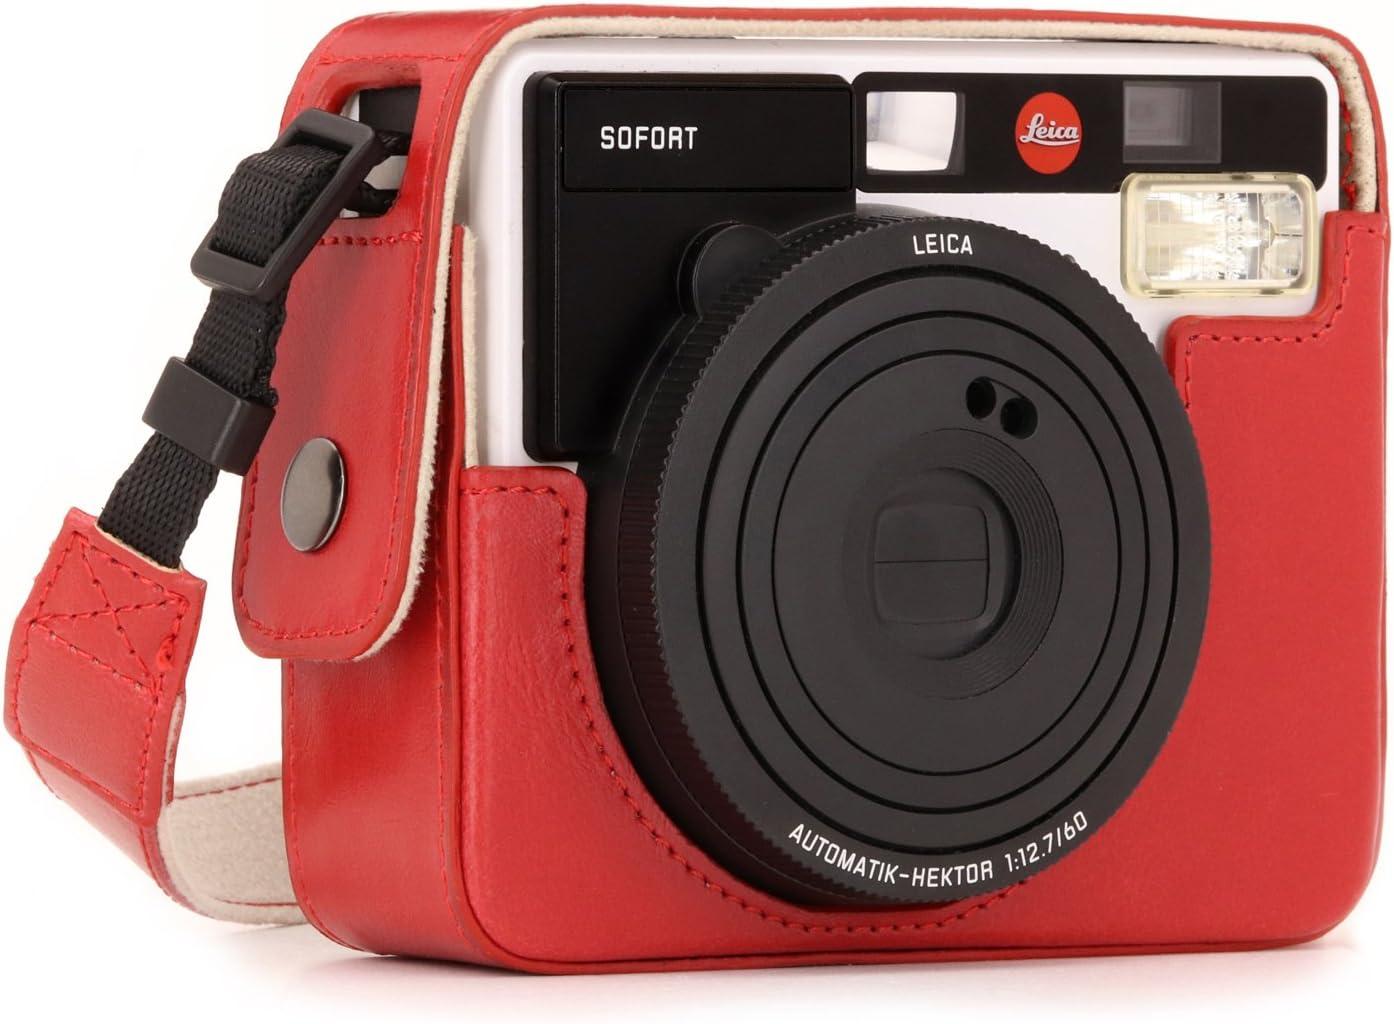 Megagear Ever Ready Leder Kamera Schutzhülle Für Leica Kamera